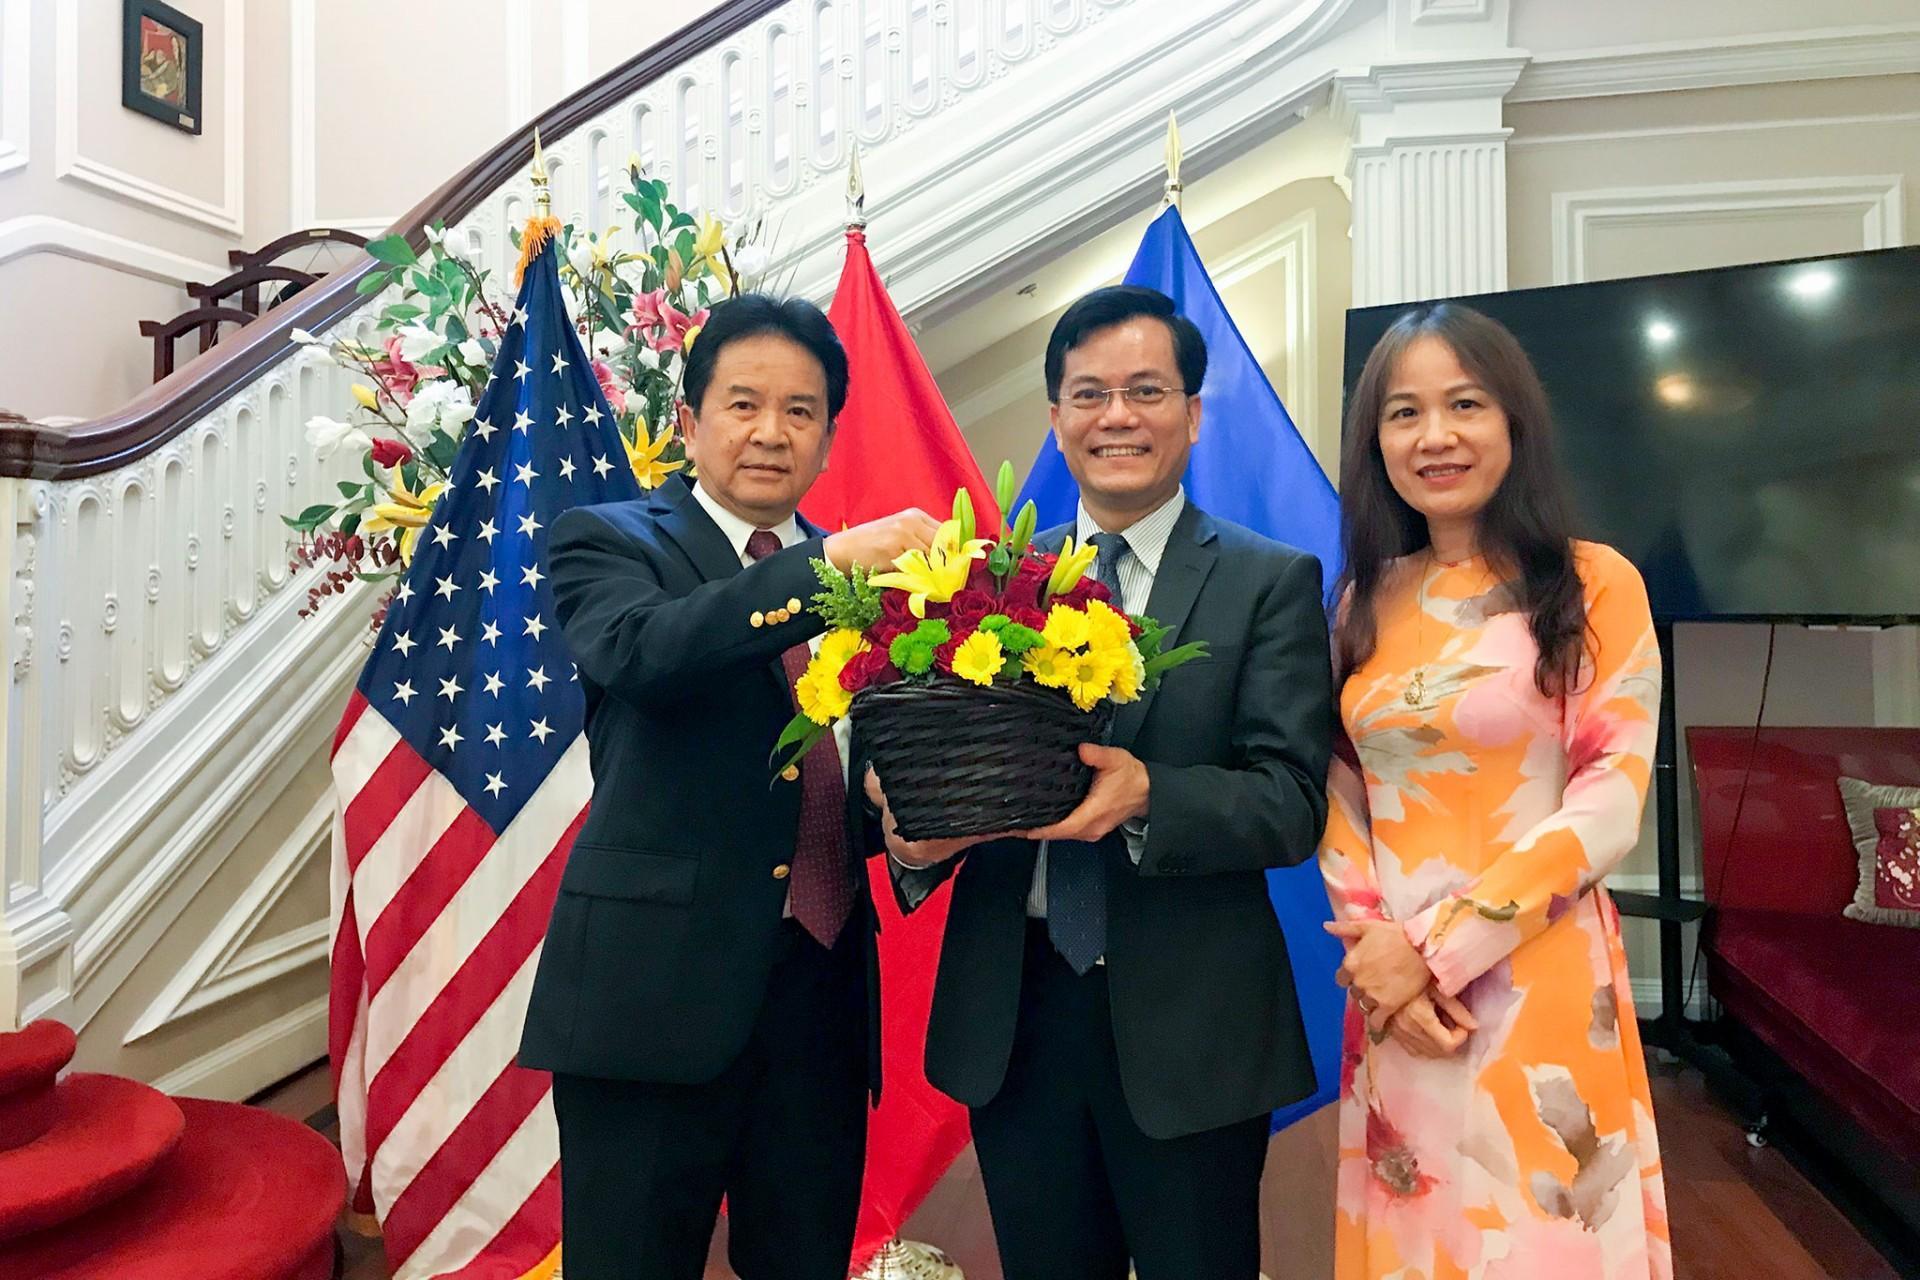 Đại sứ quán Lào tại Hoa Kỳ chúc mừng Quốc khánh Việt Nam Ảnh 1